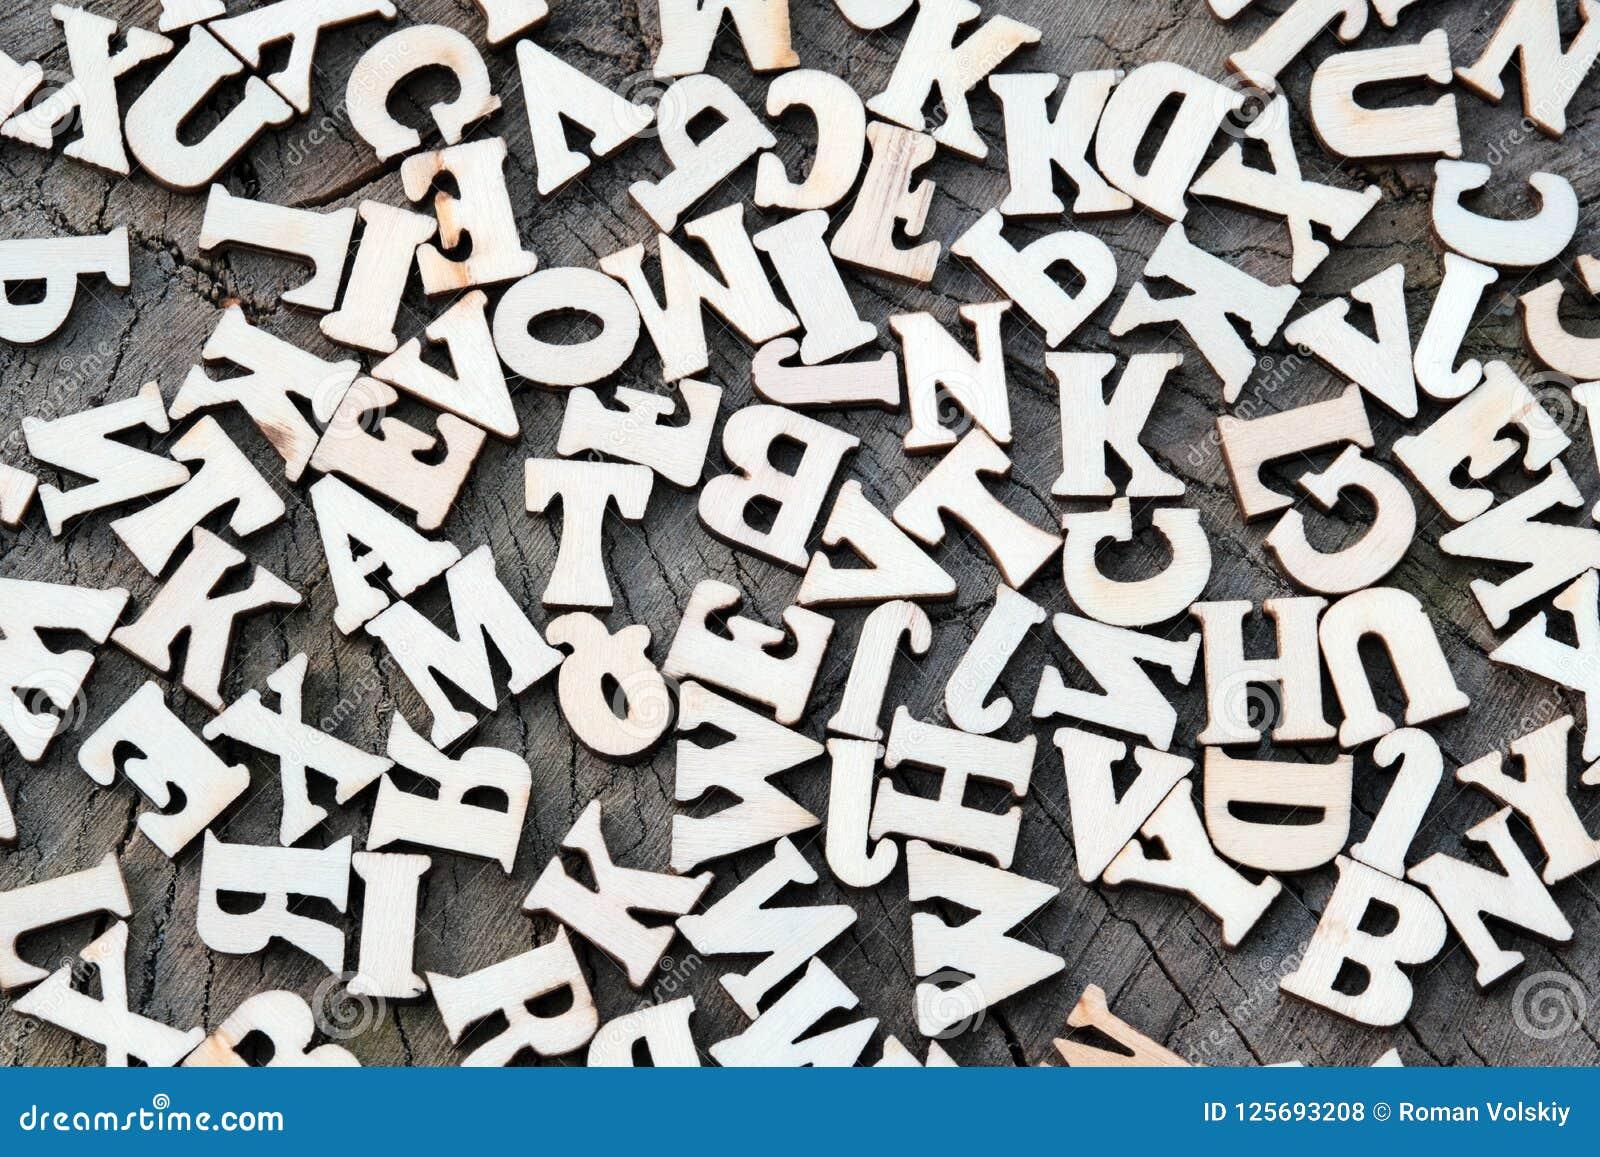 Abstrakter Hintergrund von Buchstaben auf einer alten hölzernen Beschaffenheit Kopieren Sie Raum für Design